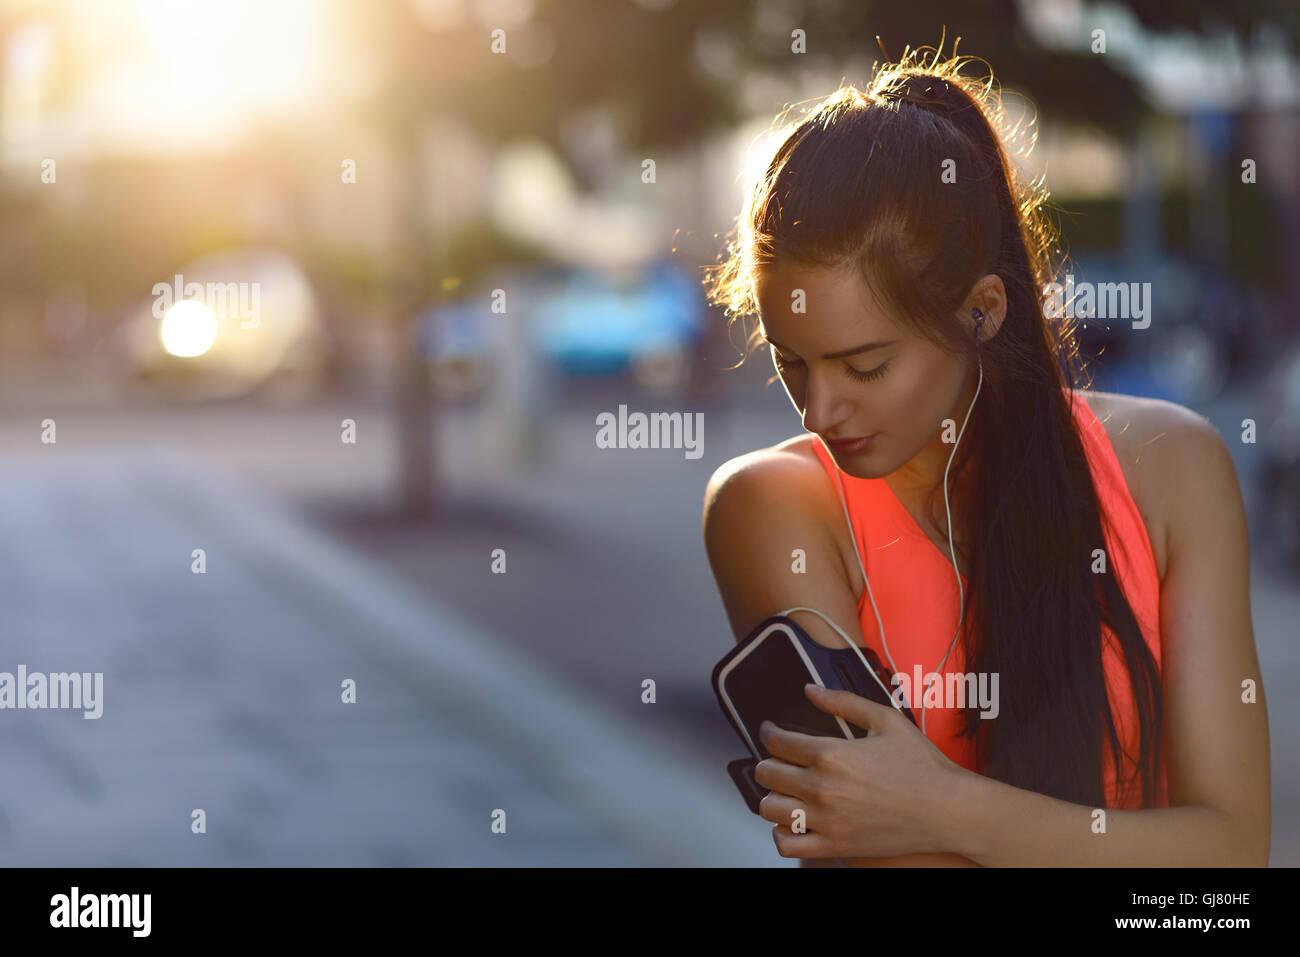 Pareggiatore donna controlla la sua musica dispositivo attaccato a un braccio band indossando vivacemente colorato Immagini Stock